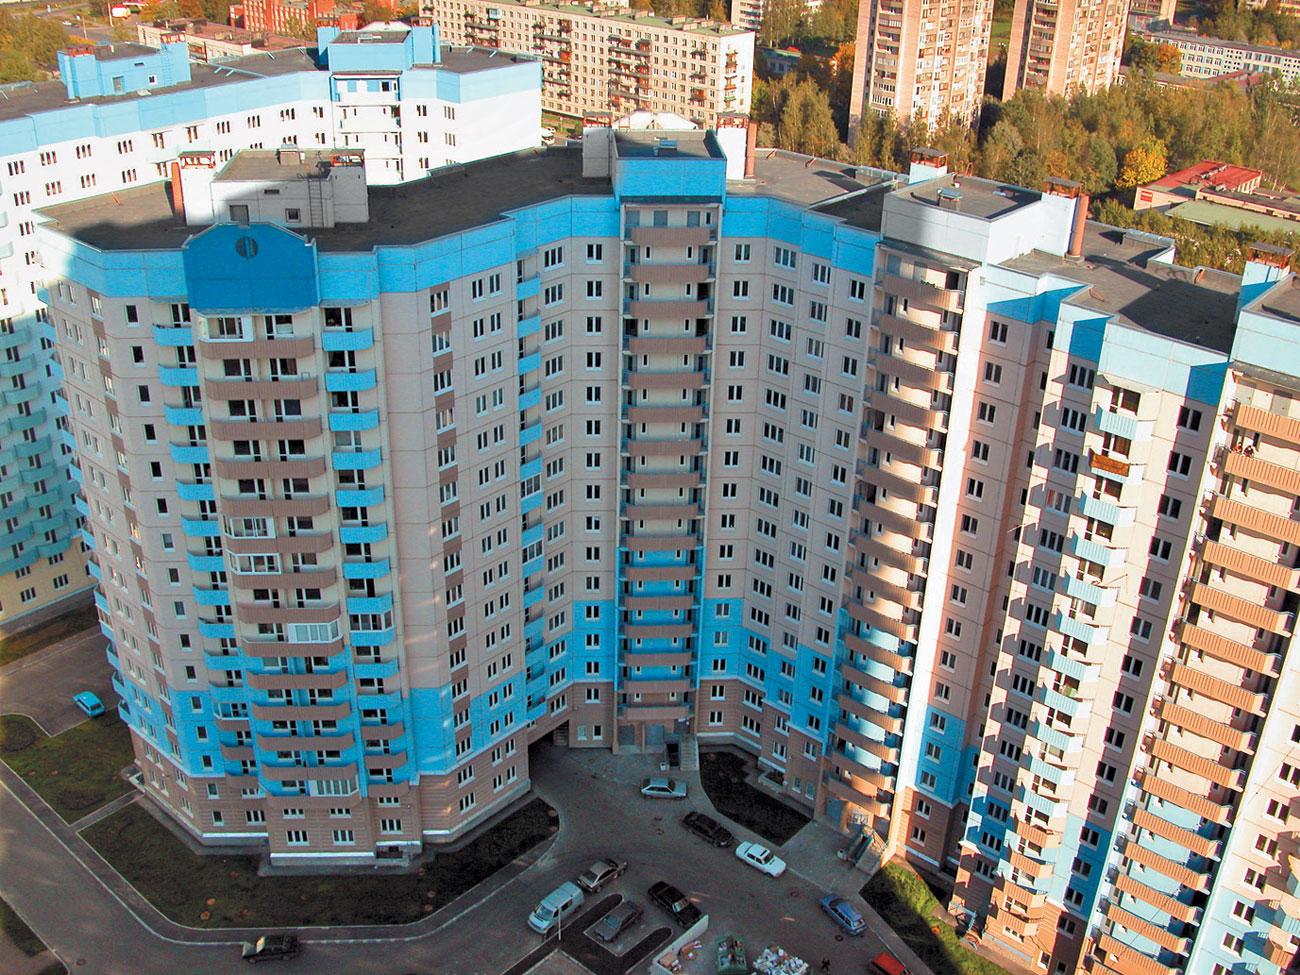 Средняя цена квартир в панельных новостройках Москвы достигла 8 млн рублей